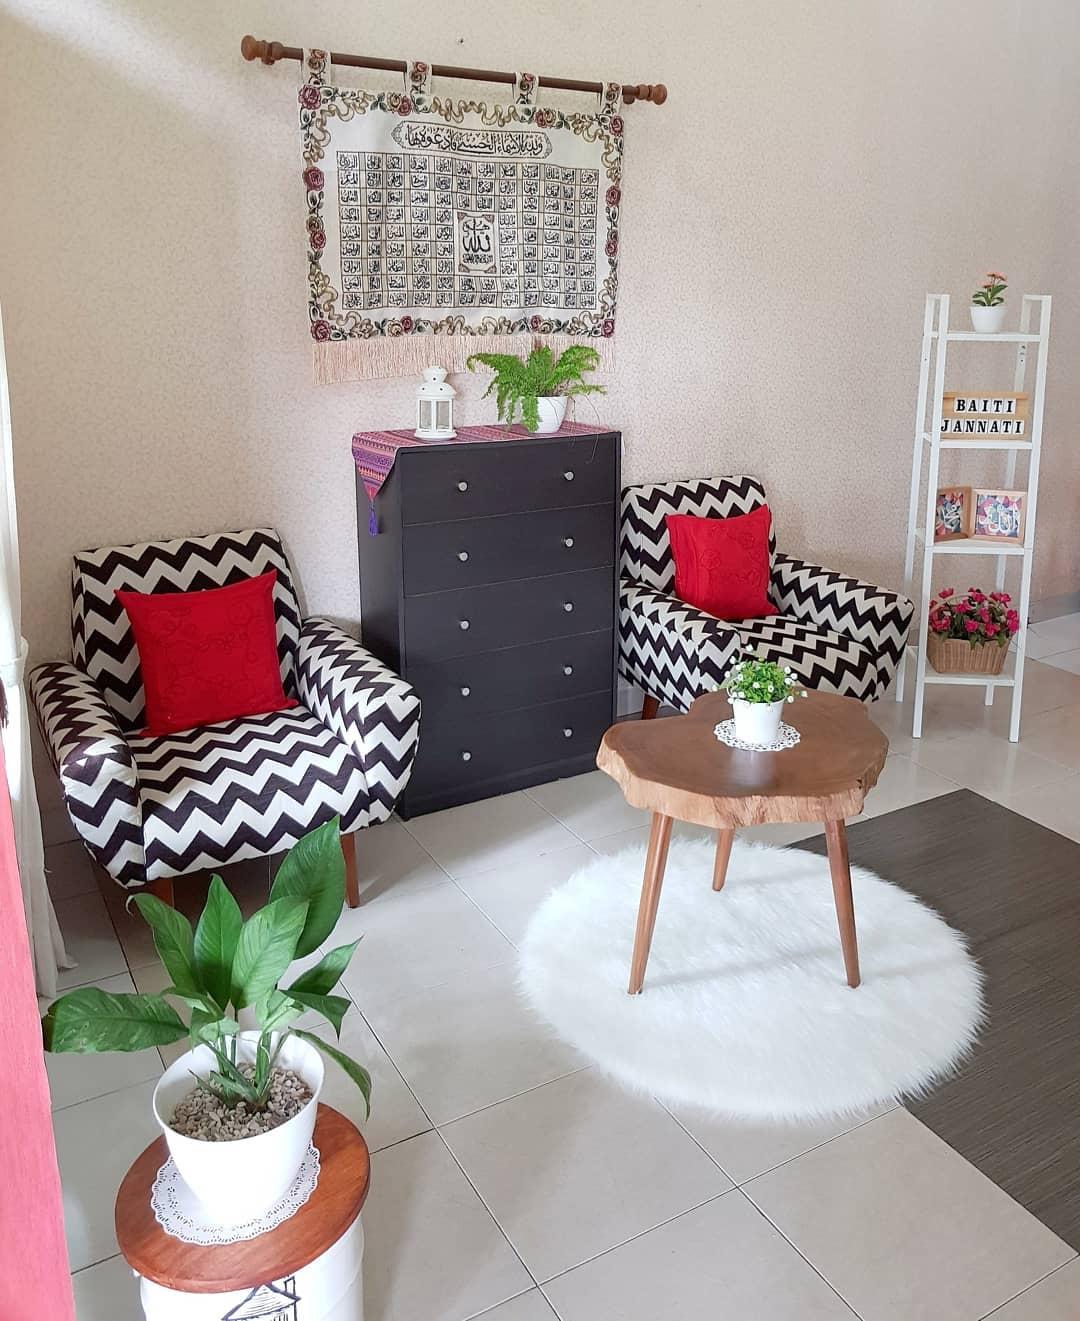 Jual Rak Besi 4 Susun Cocok Untuk Ruang Tamu Rumah Minimalis